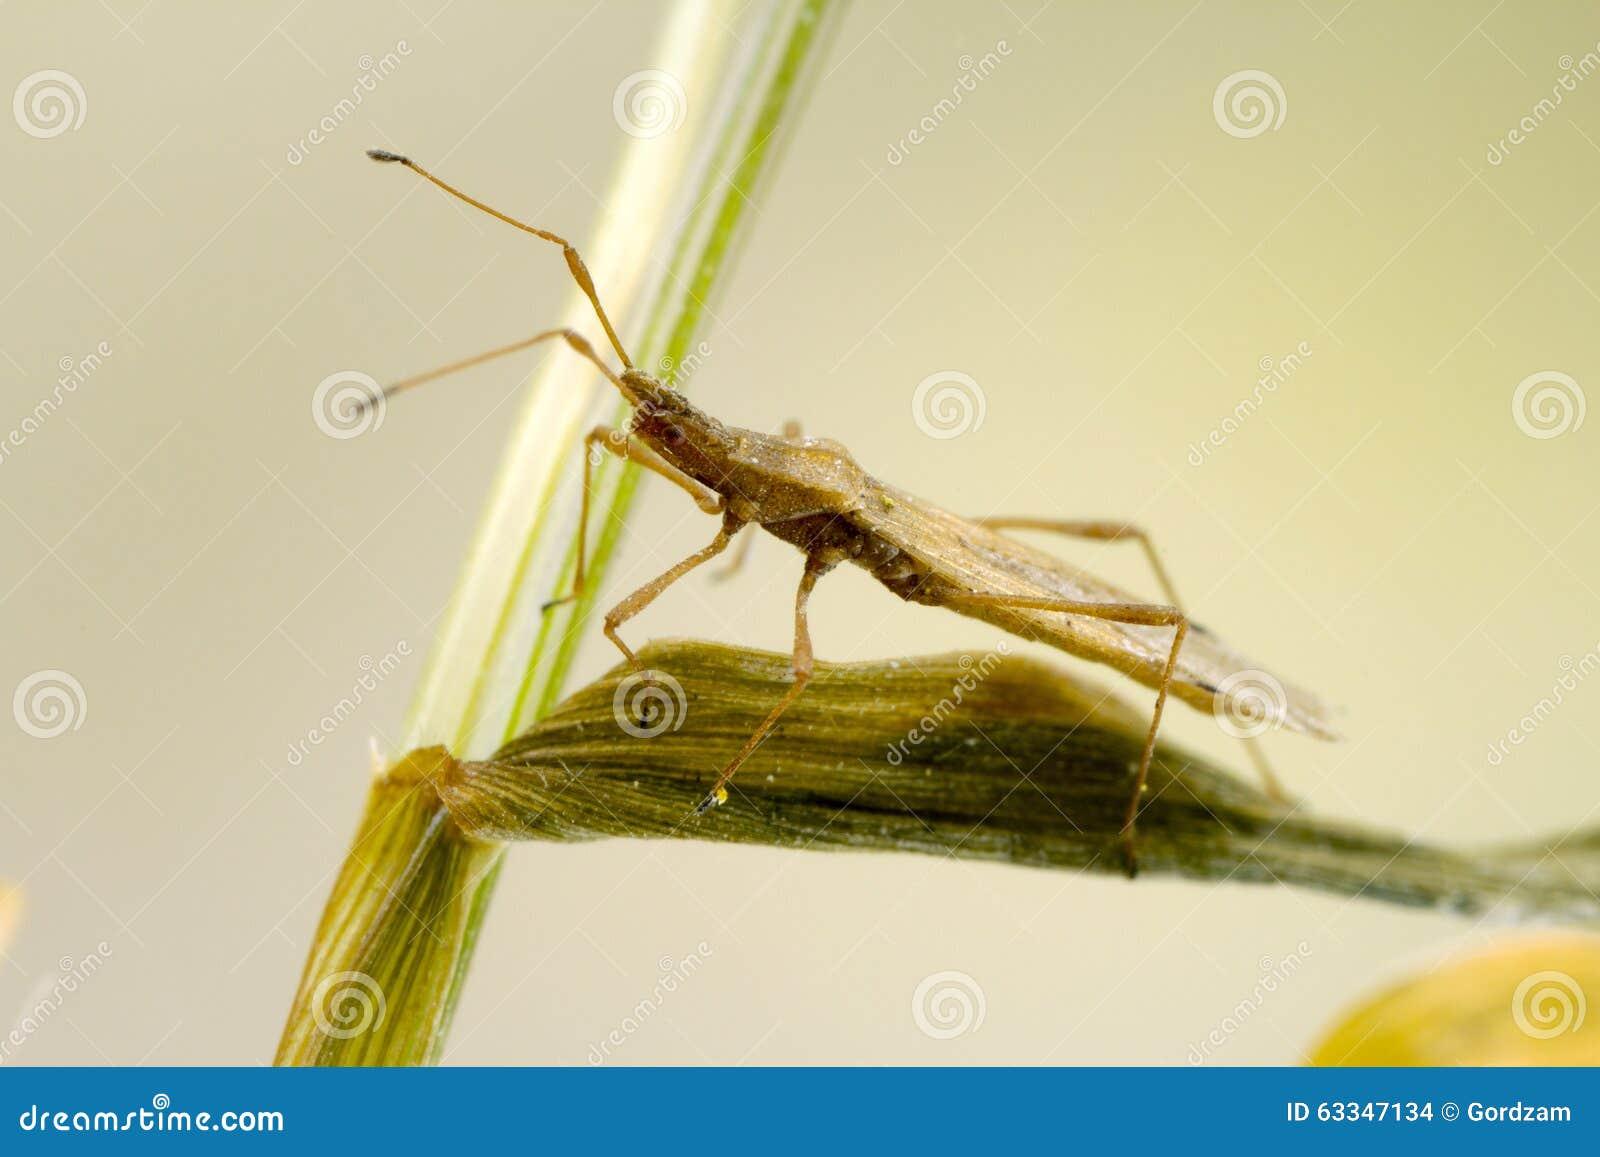 insecte minuscule ovale photo stock. image du cheminée - 63347134